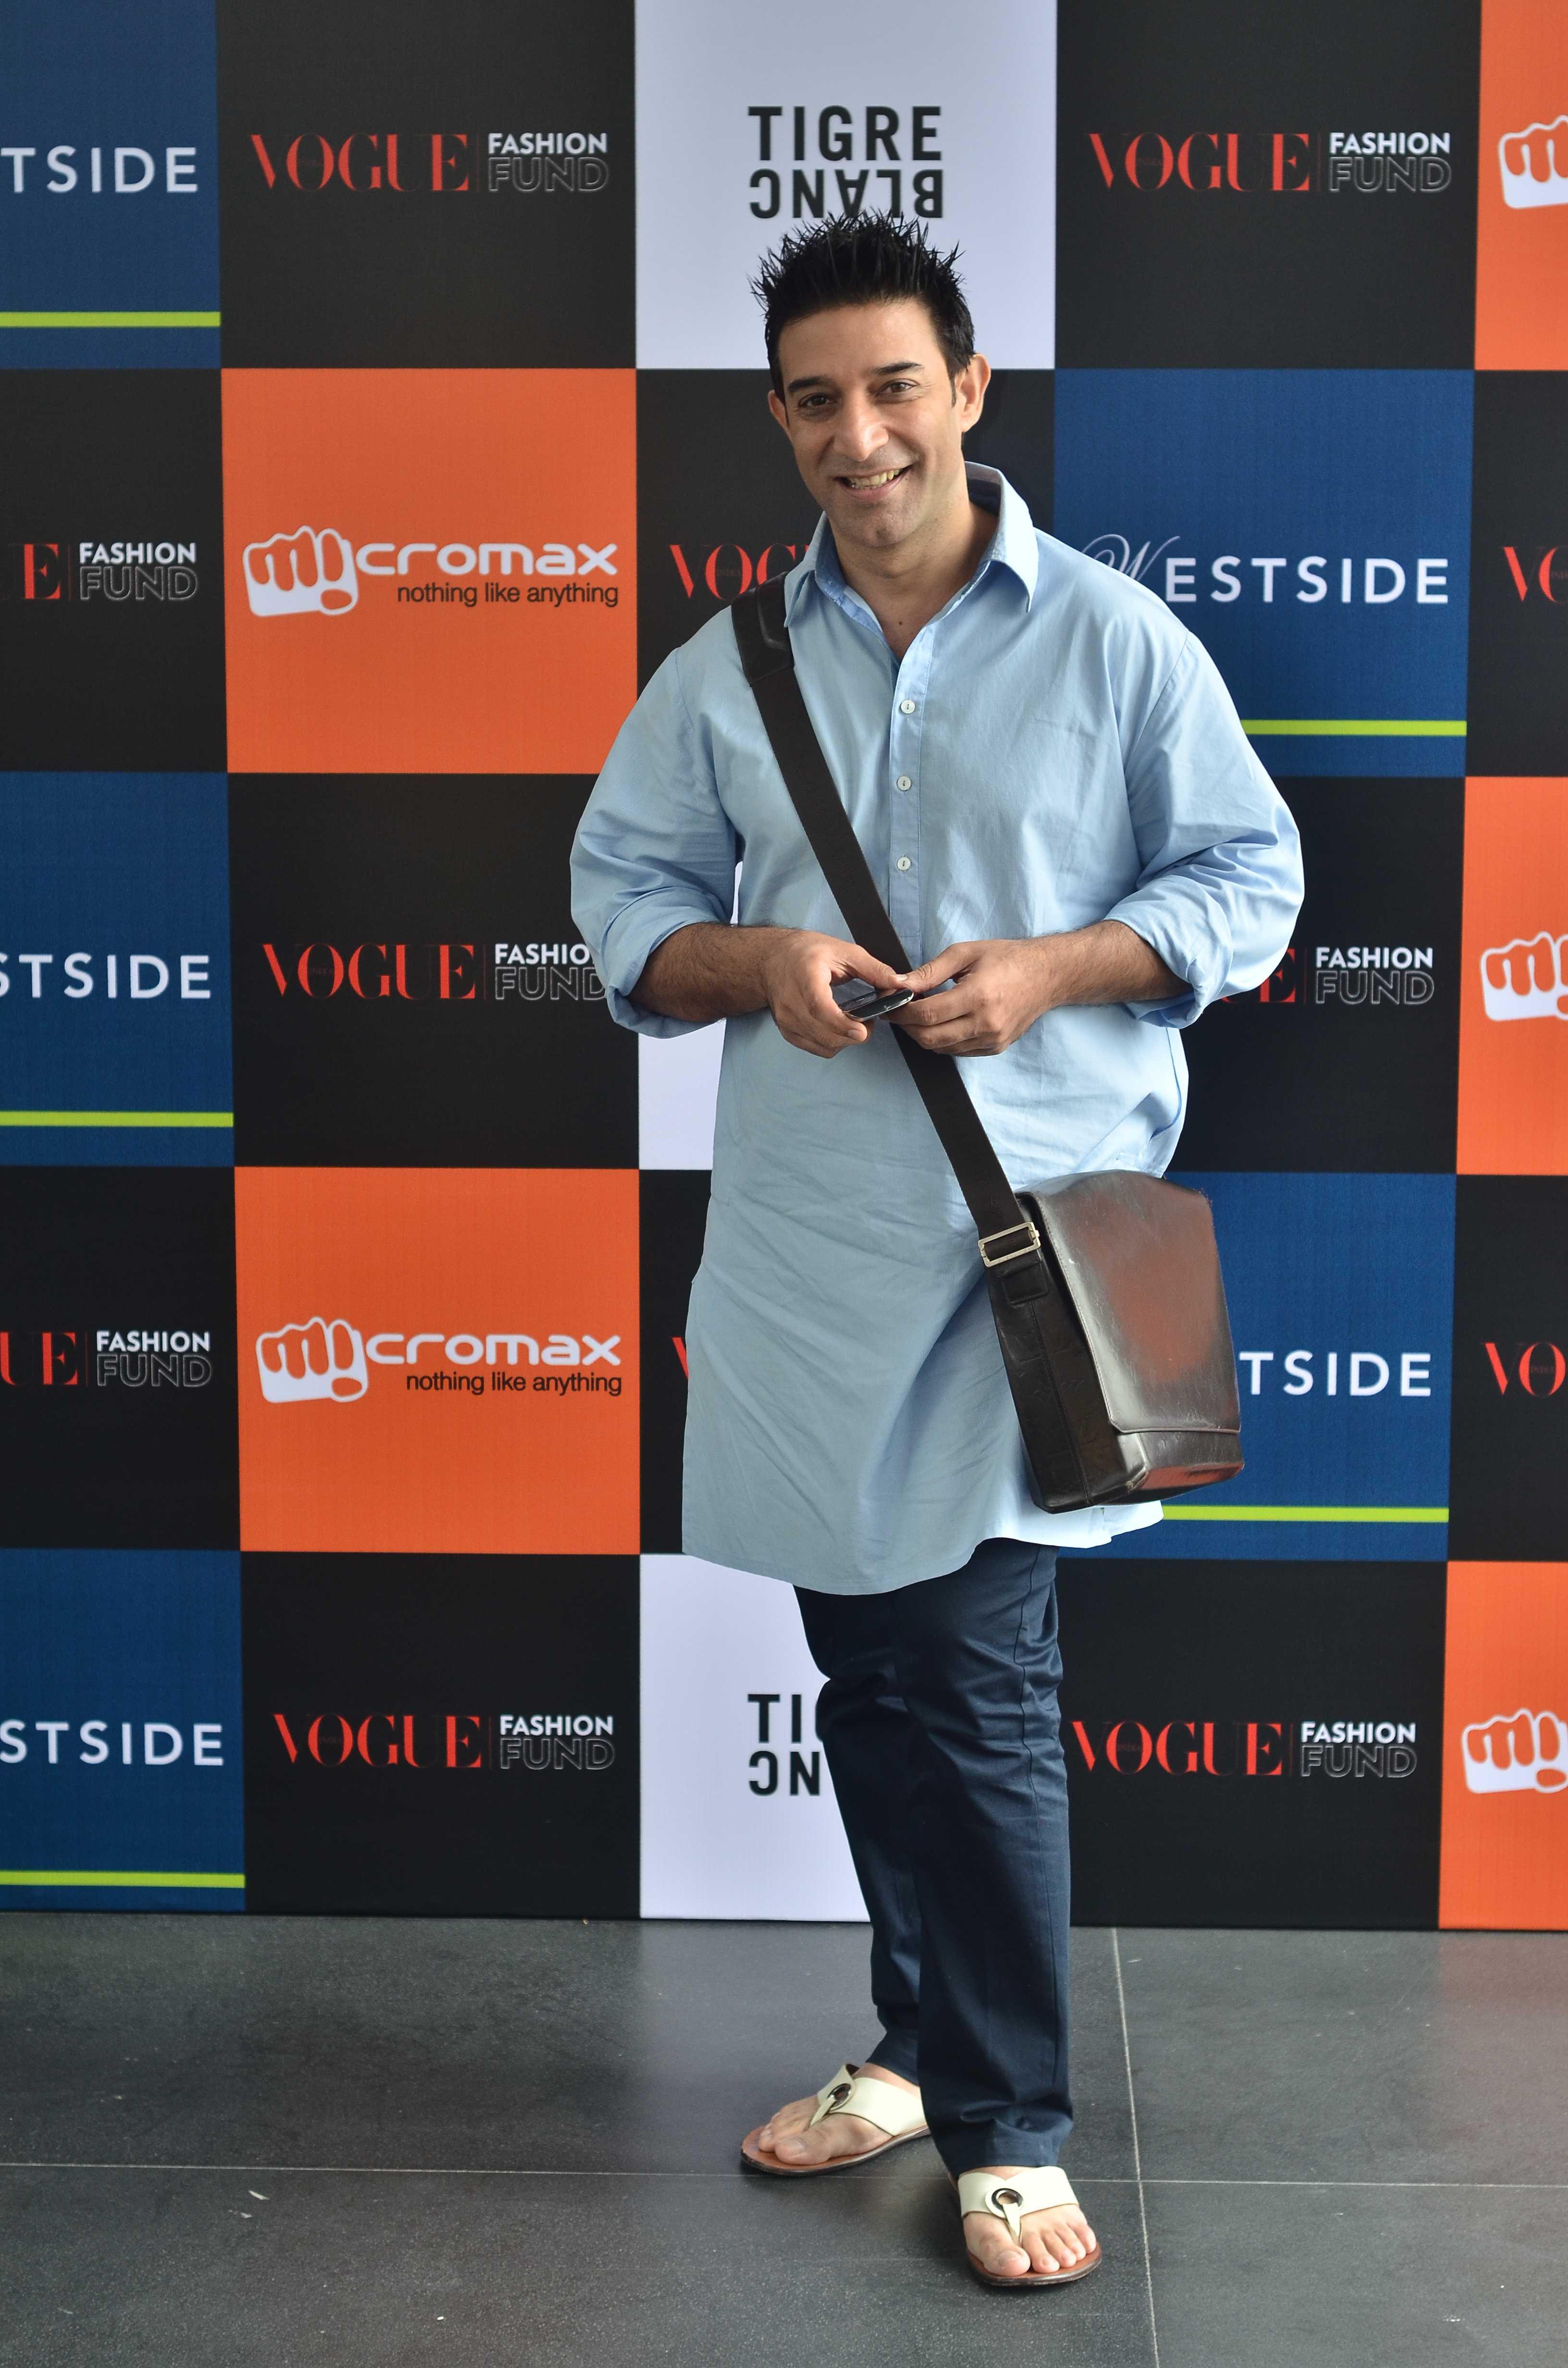 Suneet Varma panelist of Vogue Fashion Fund 2013